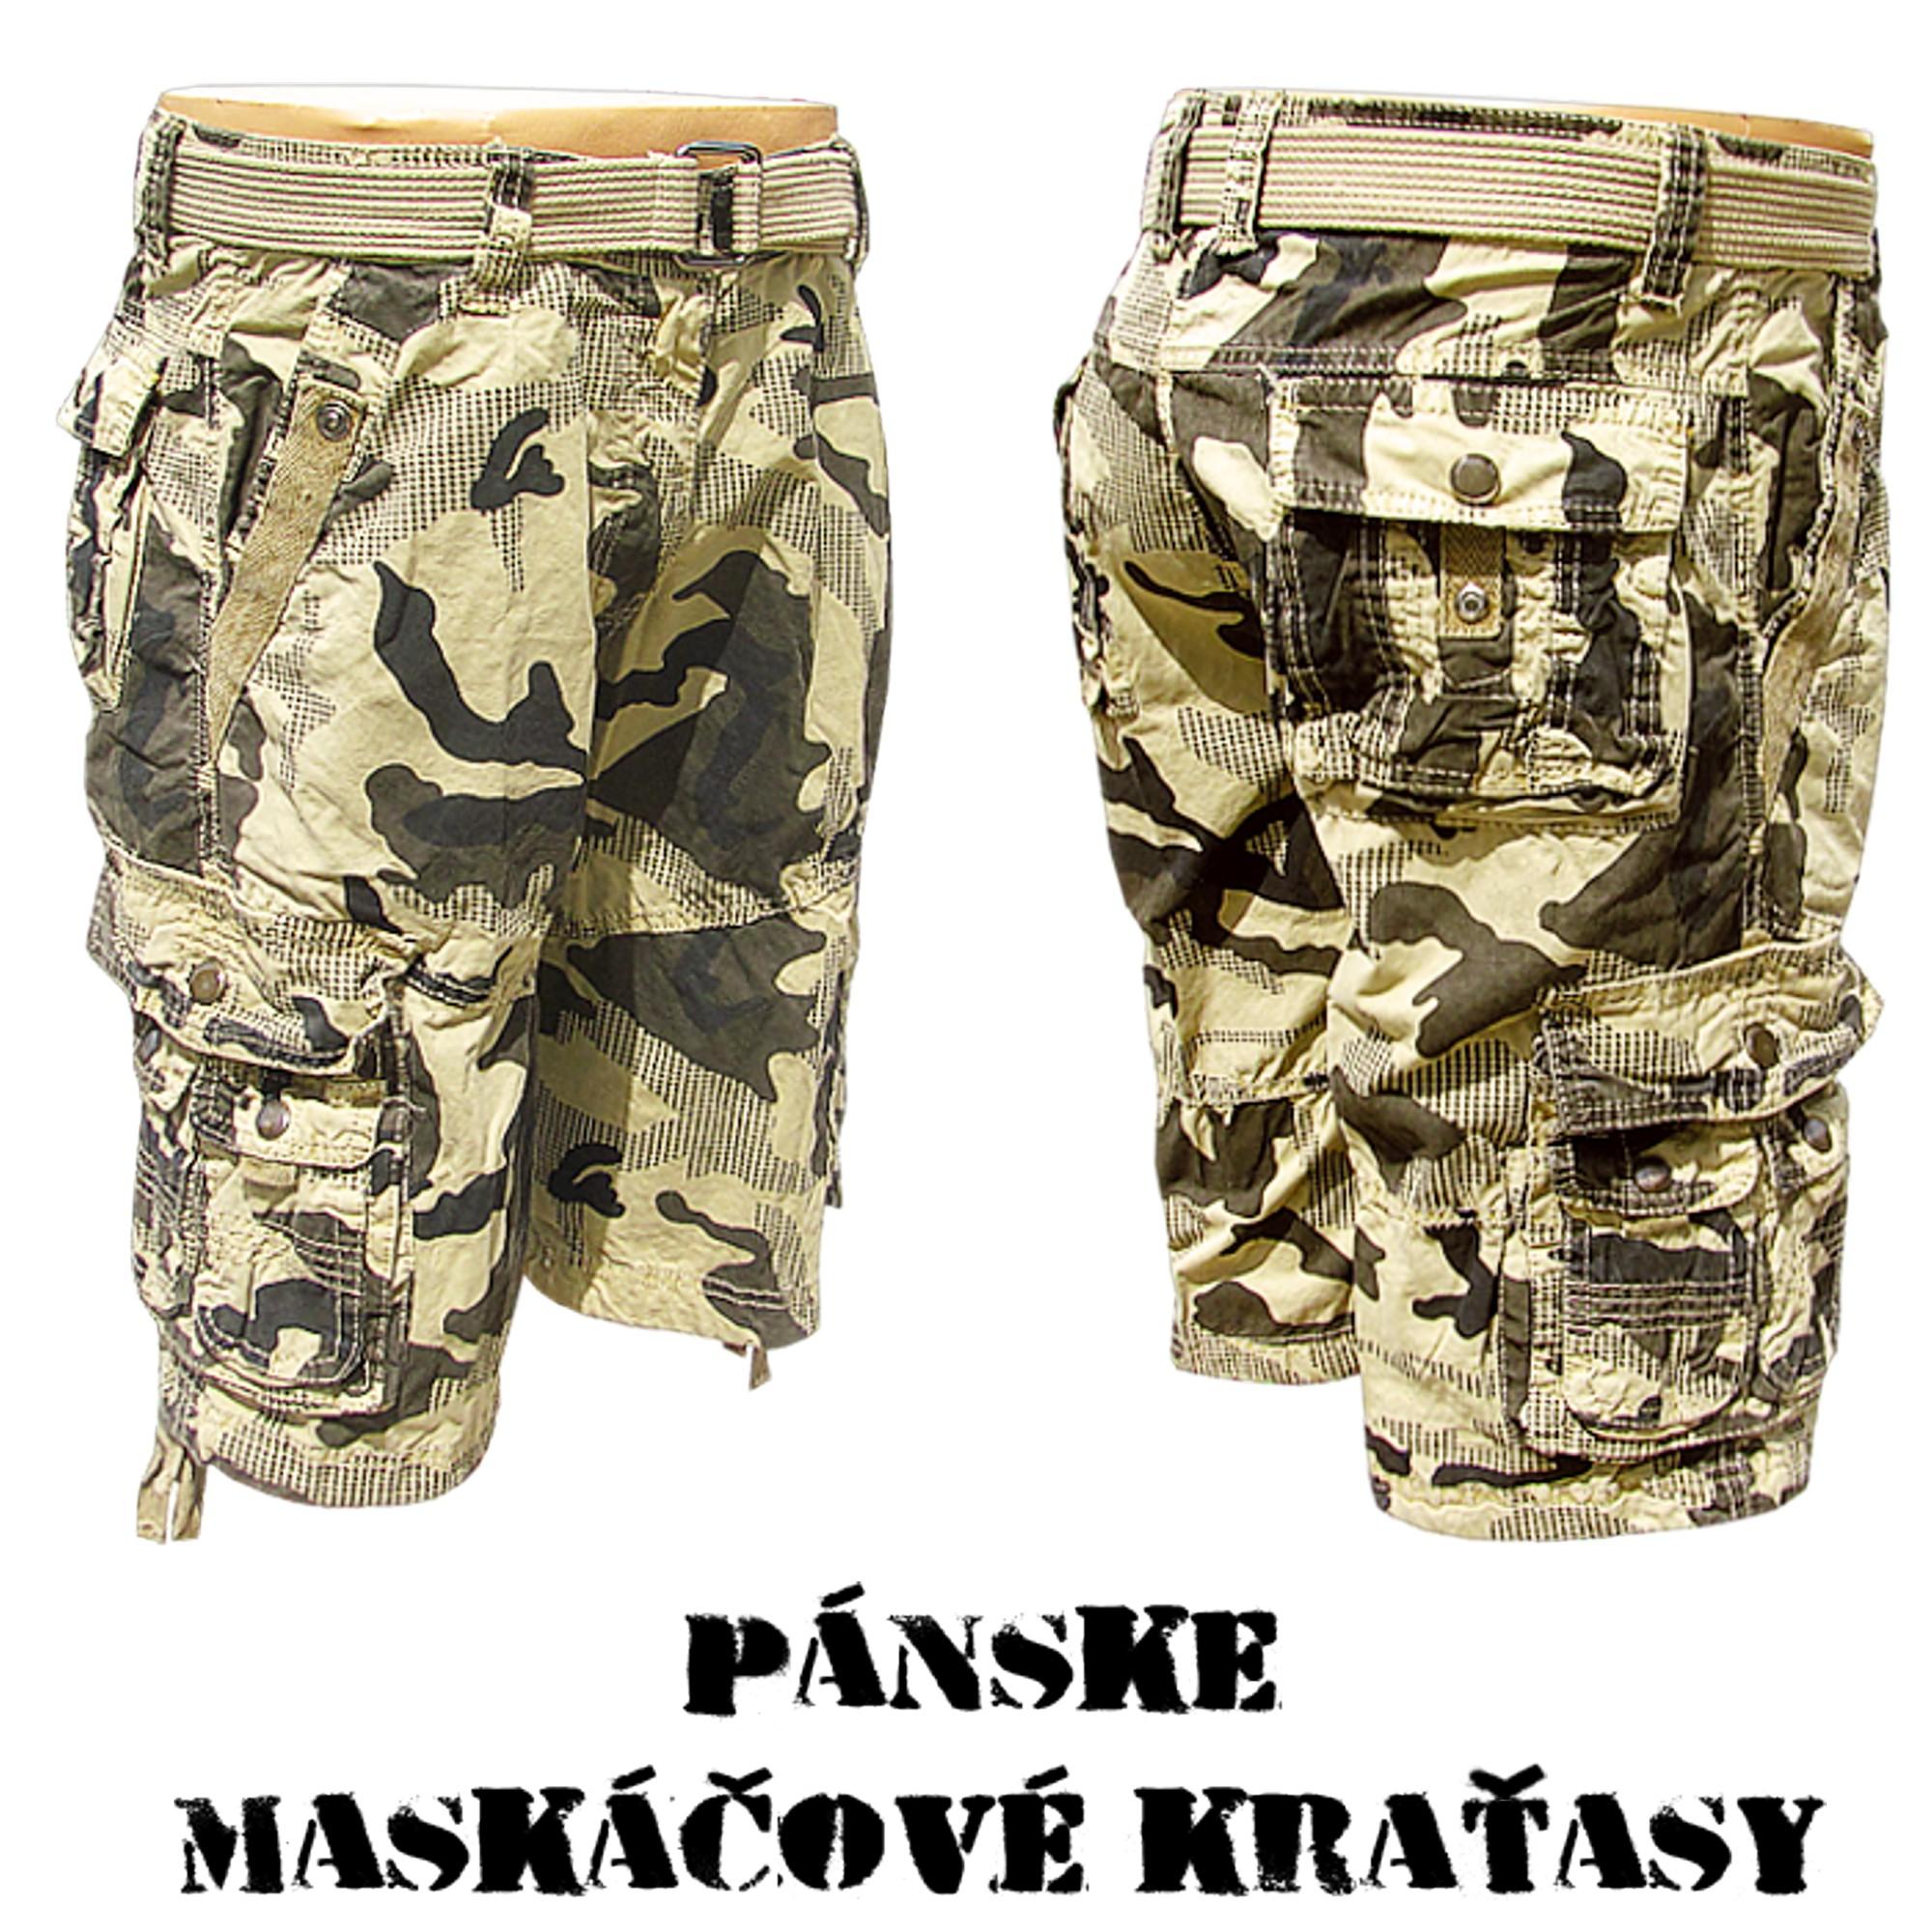 Pánske maskáčové kraťasy- online armyshop ... 02cc6da6a33